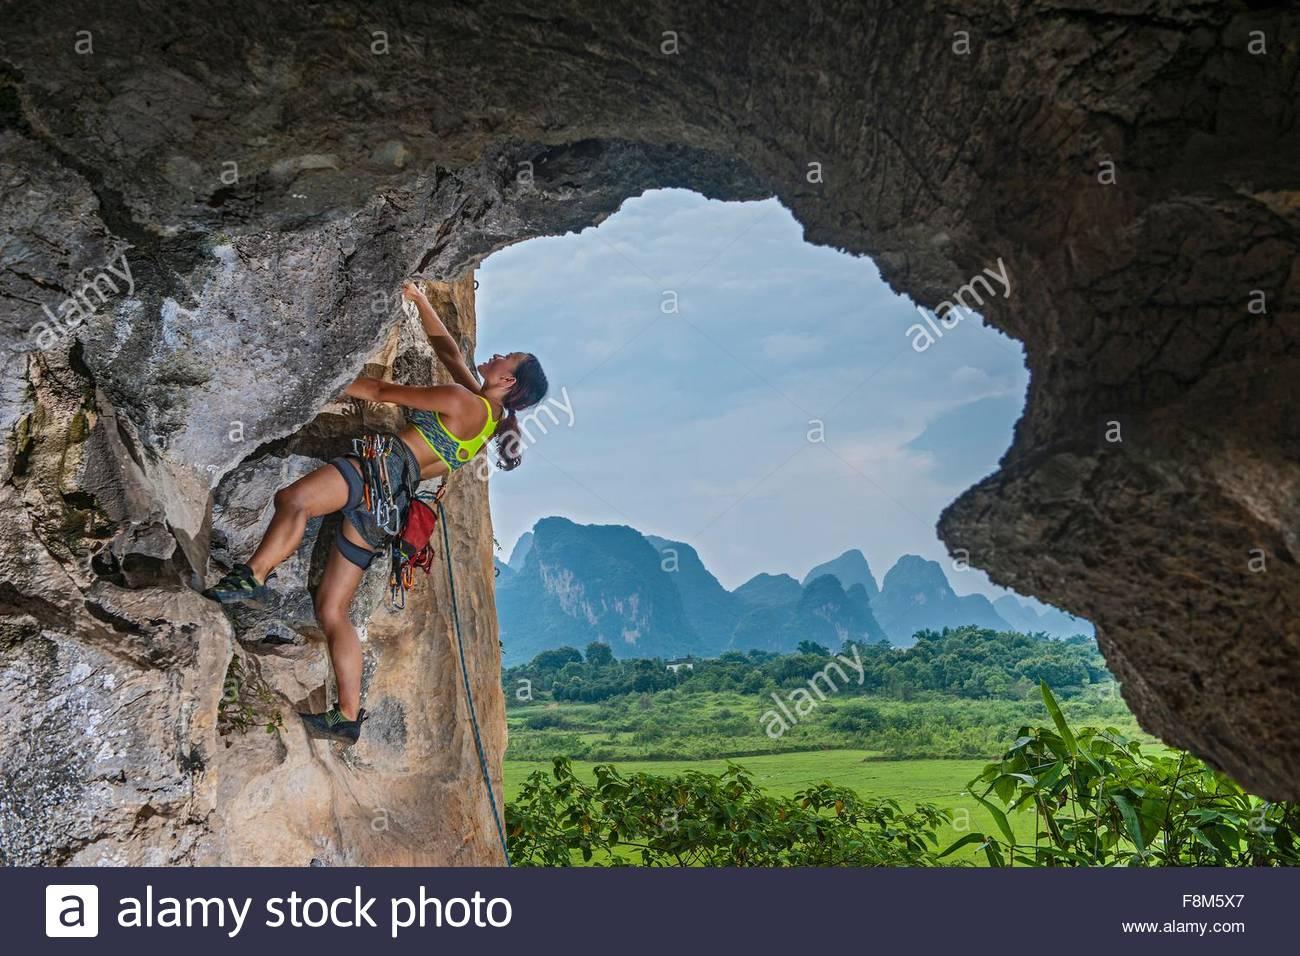 Female climber climbing at the Egg in Yangshuo, Guangxi Zhuang, China - Stock Image